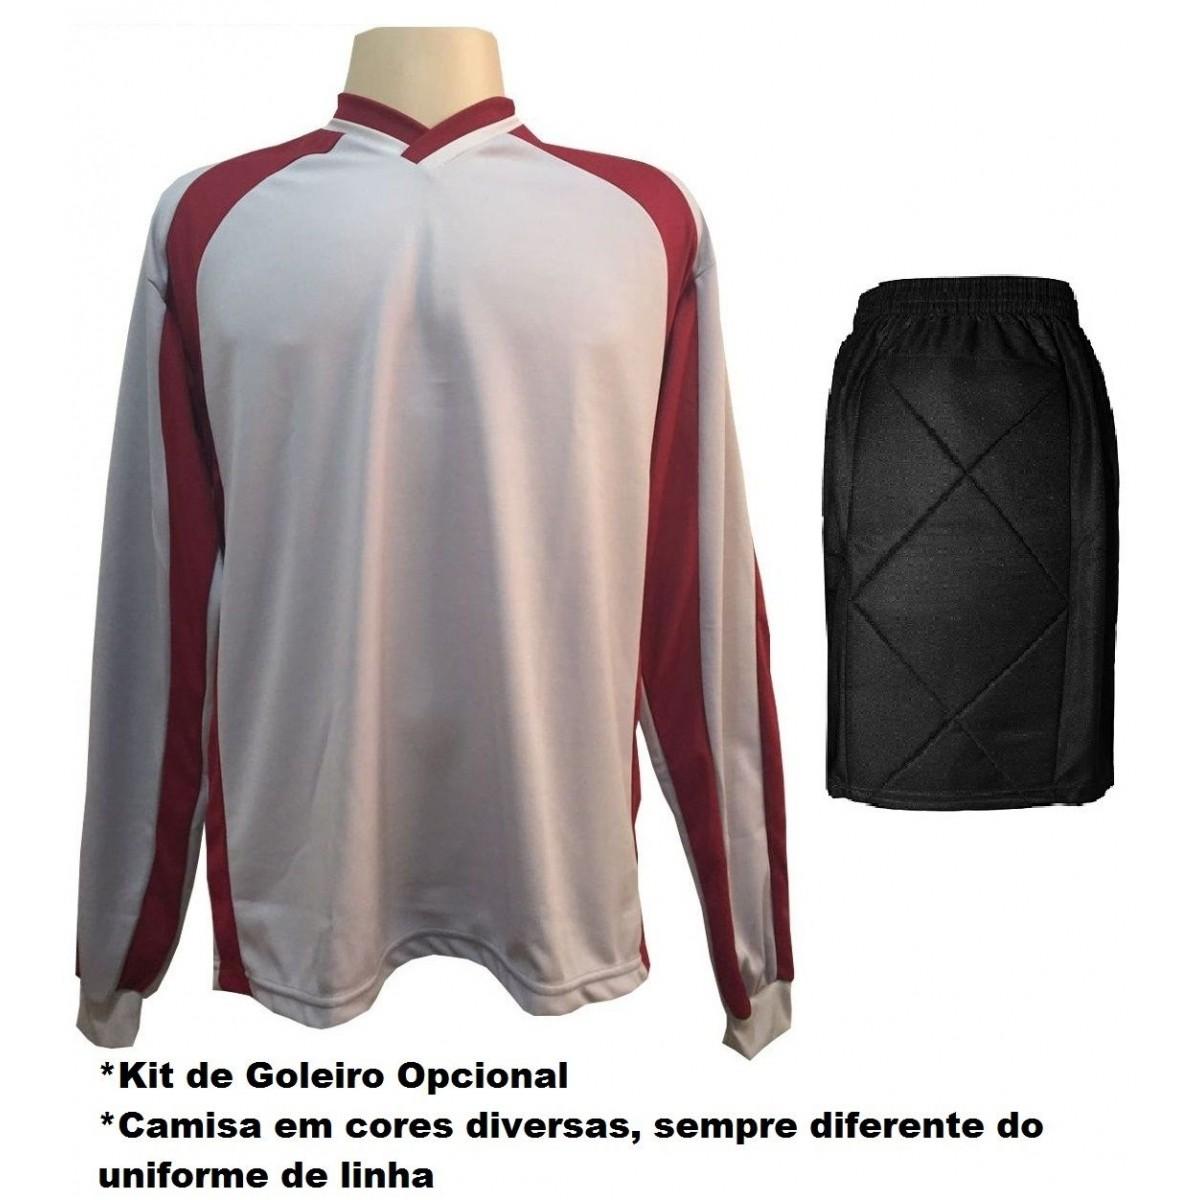 Uniforme Esportivo com 18 Camisas modelo Milan Preto/Laranja + 18 Calções modelo Madrid Preto + Brindes